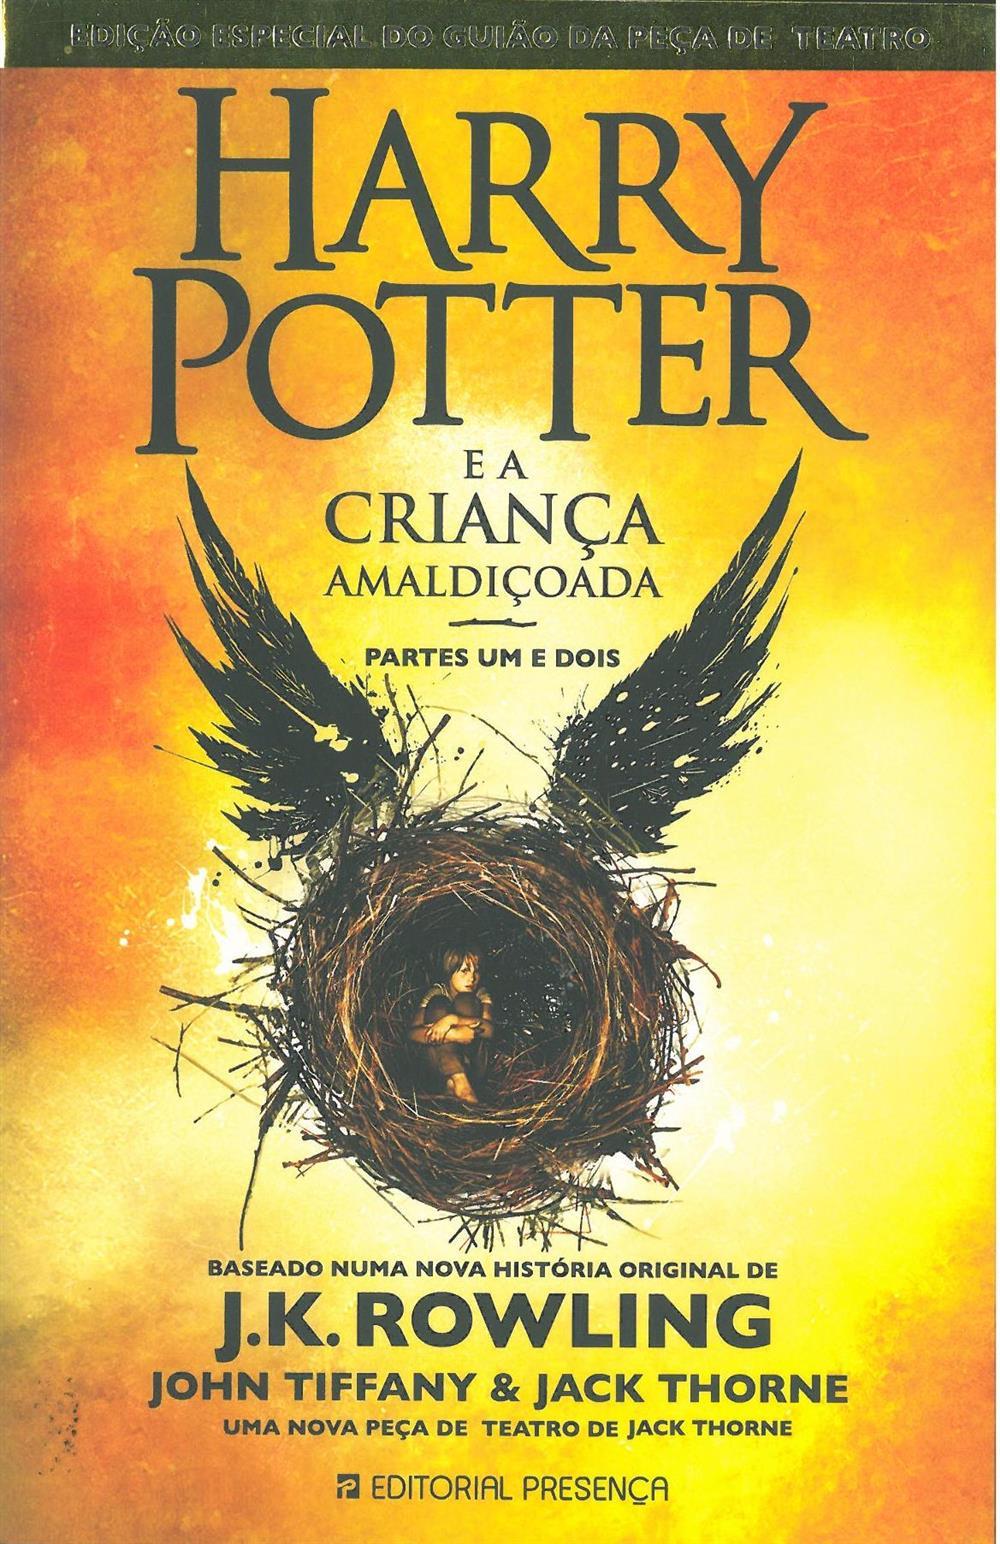 Harry Potter e a criança amaldiçoada_.jpg